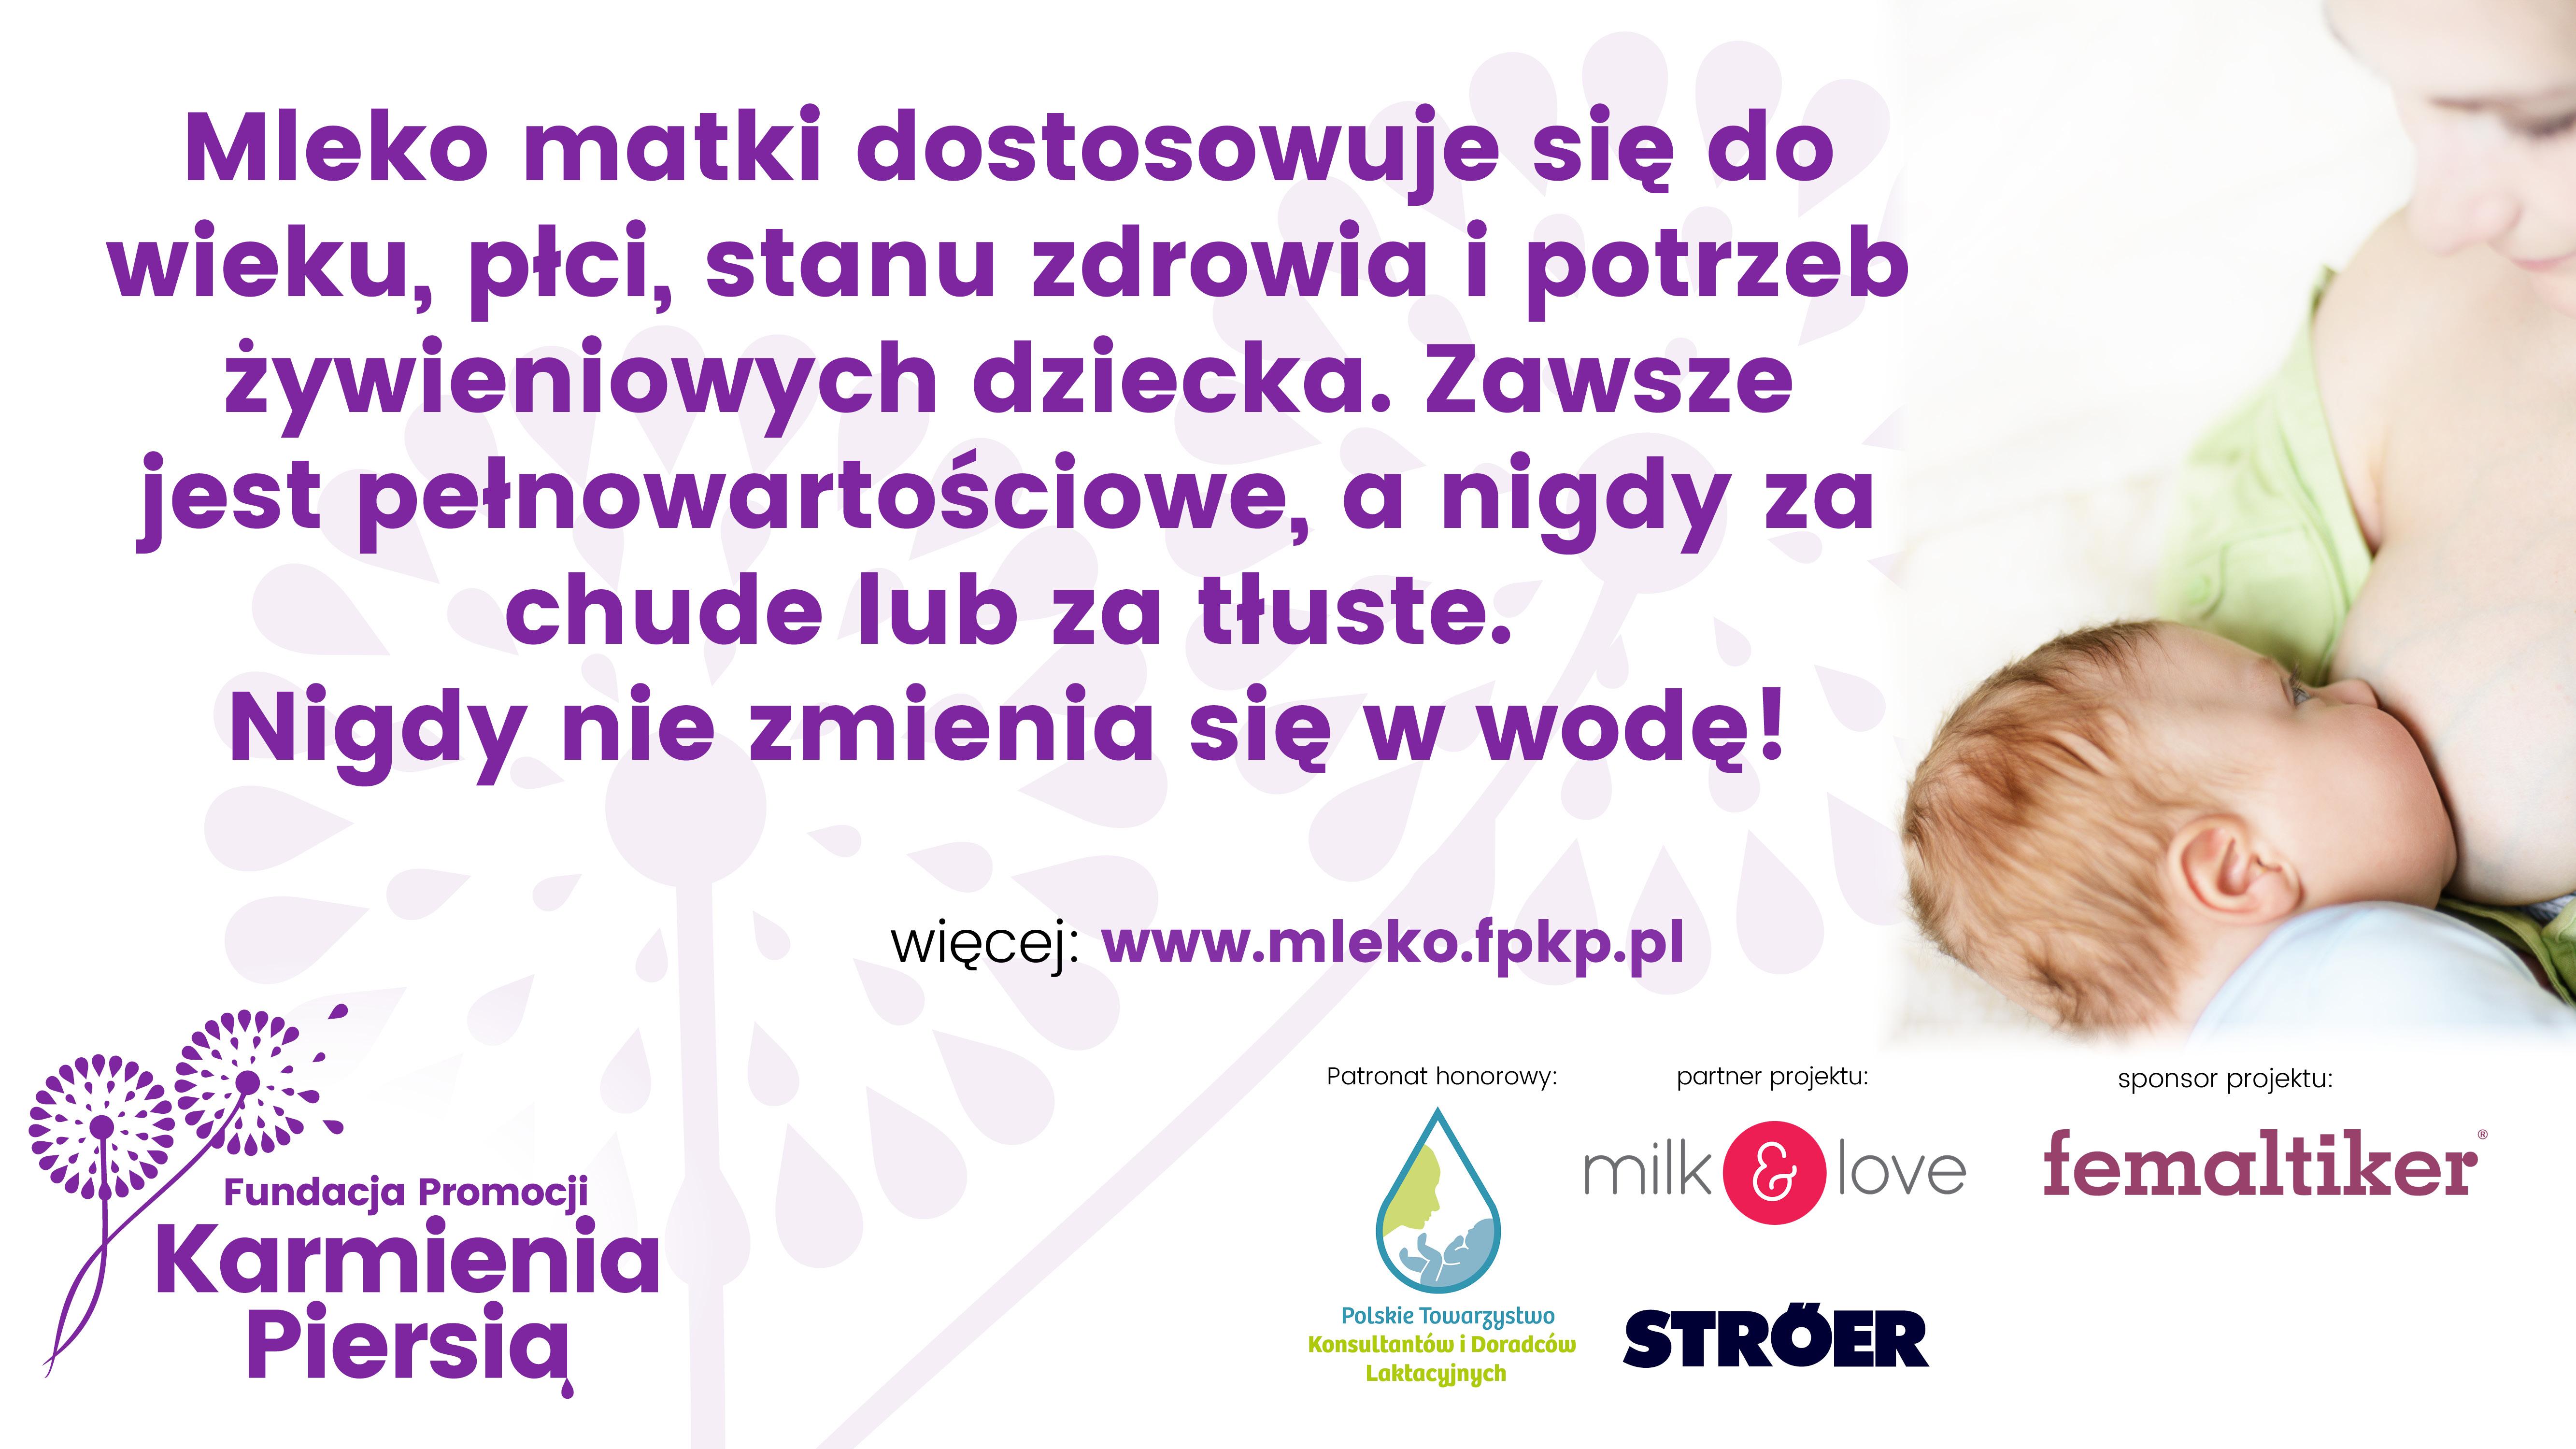 hipoalergiczni-kampania-karmienie-piersia-w-warszawskim-metrze-2017